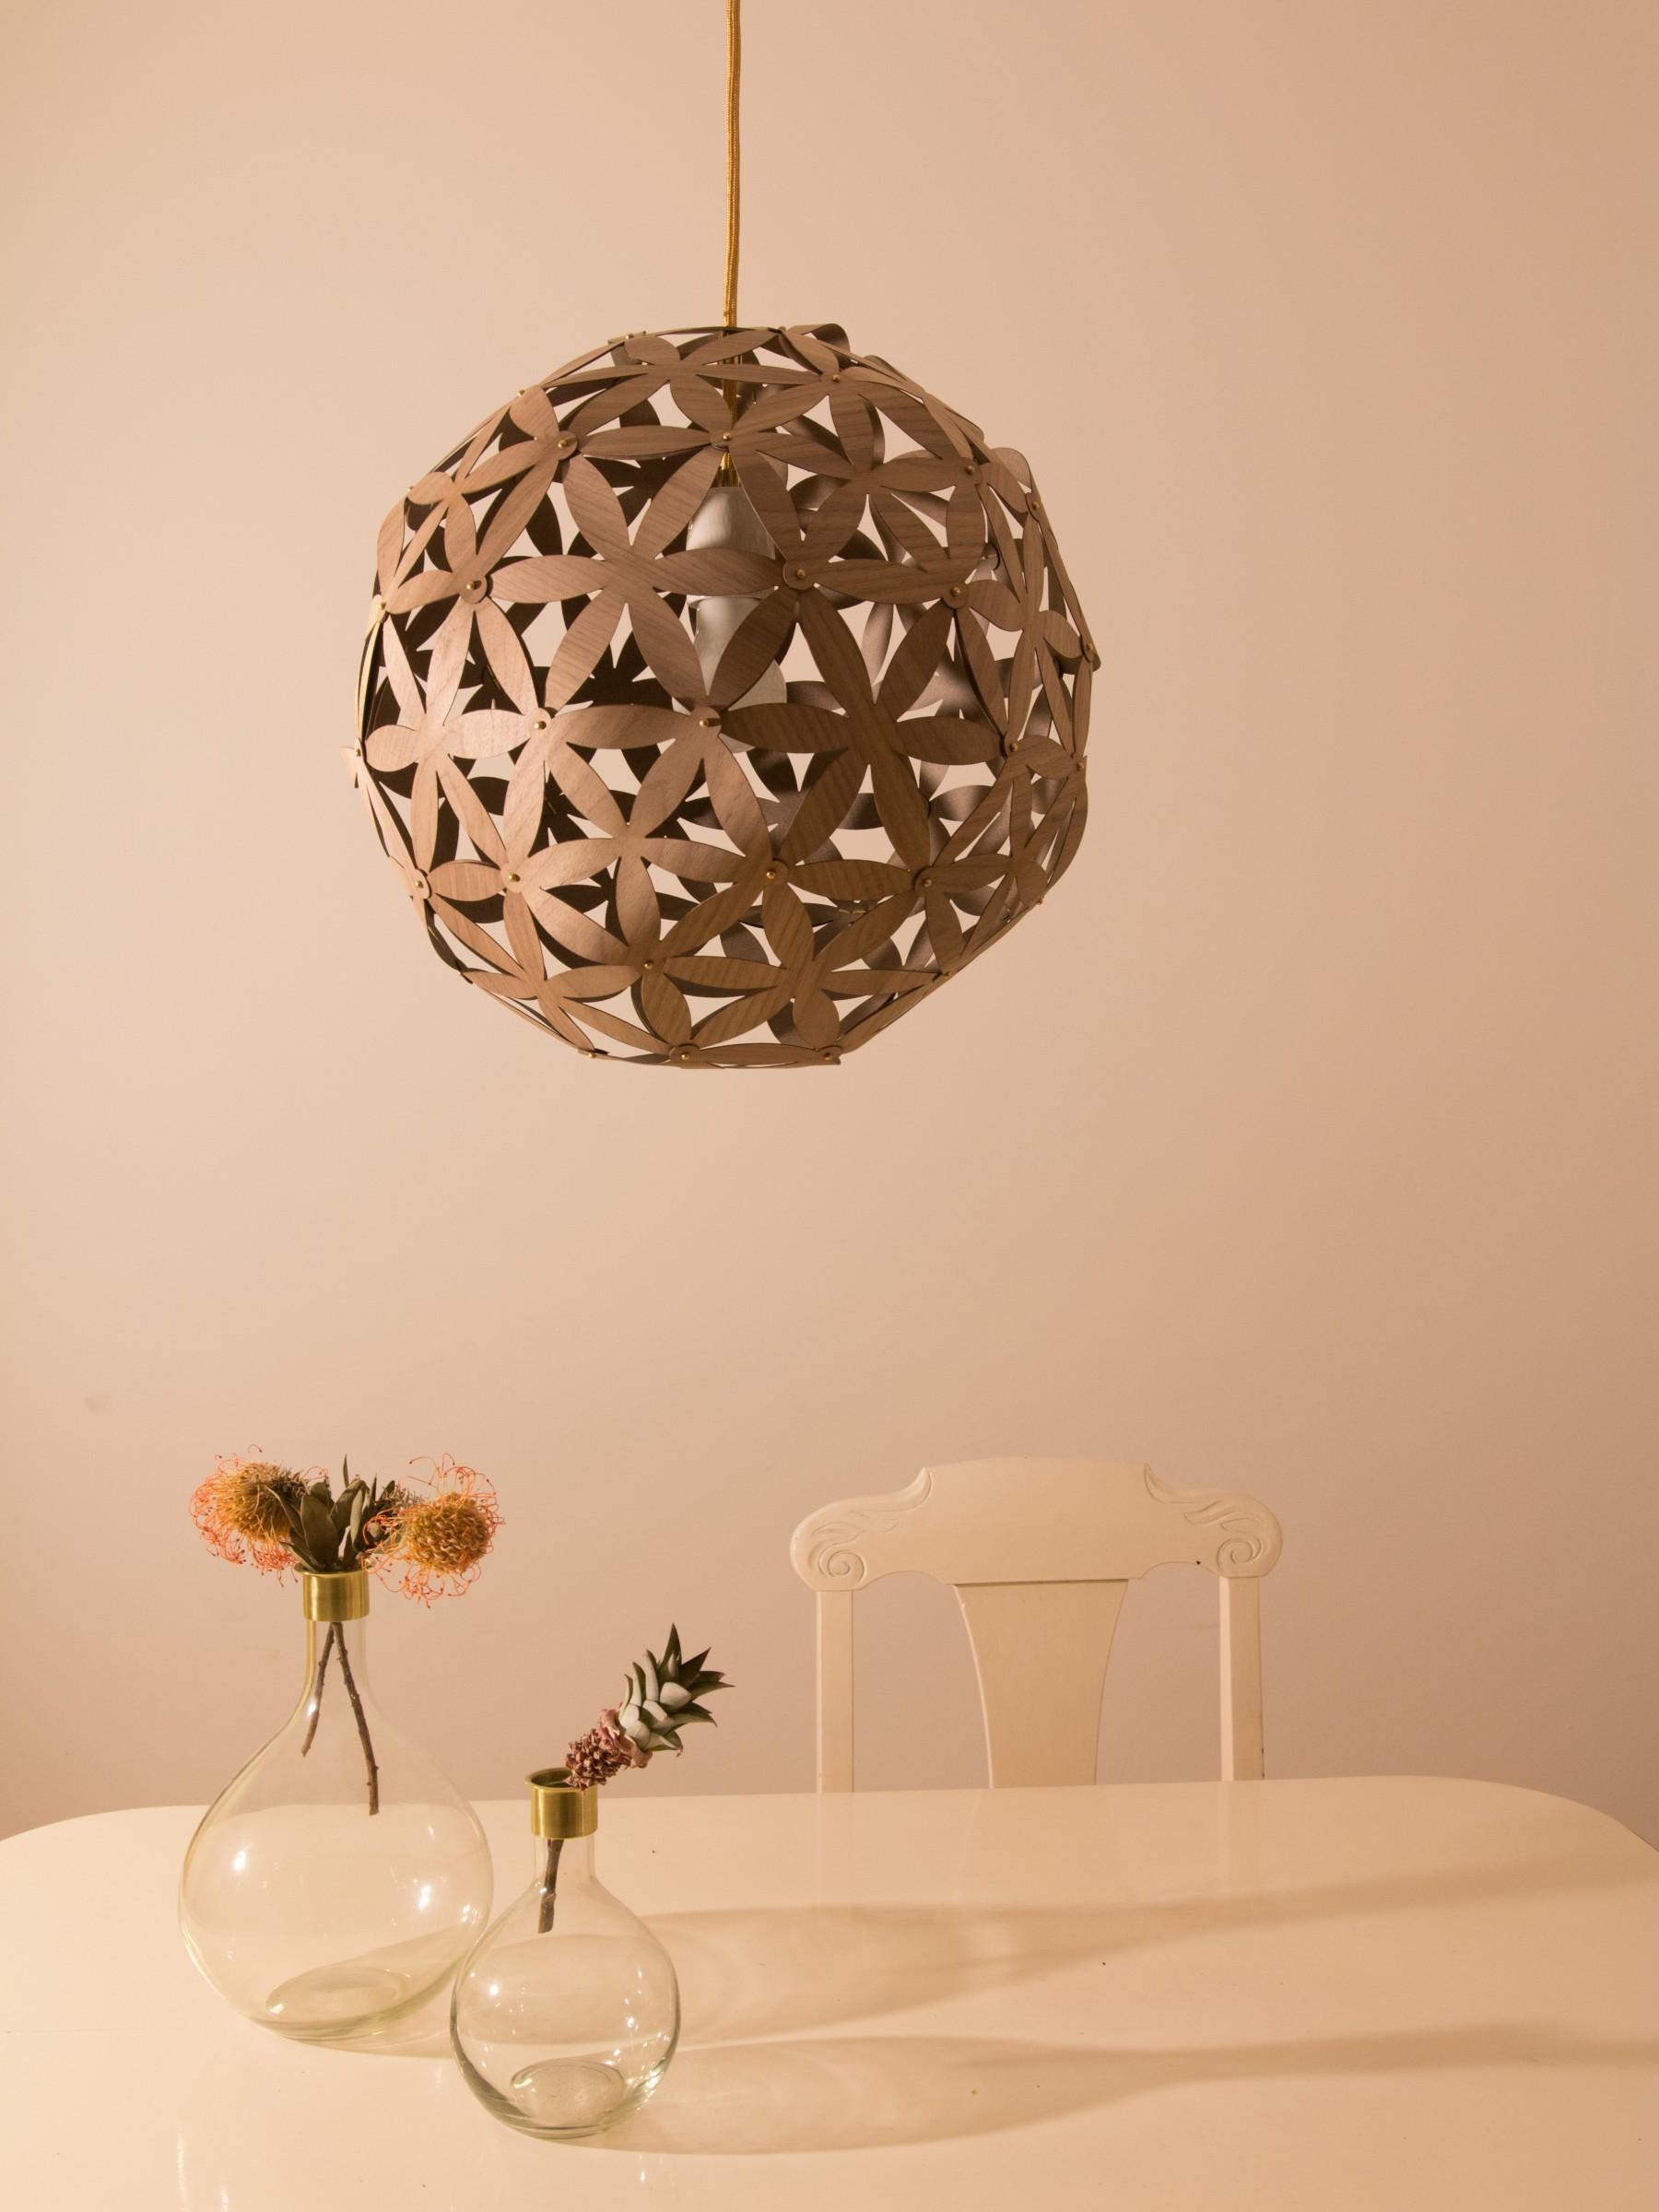 wood veneer lighting. Blomst No1 Nussbaum 1800x2400 Wood Veneer Lighting